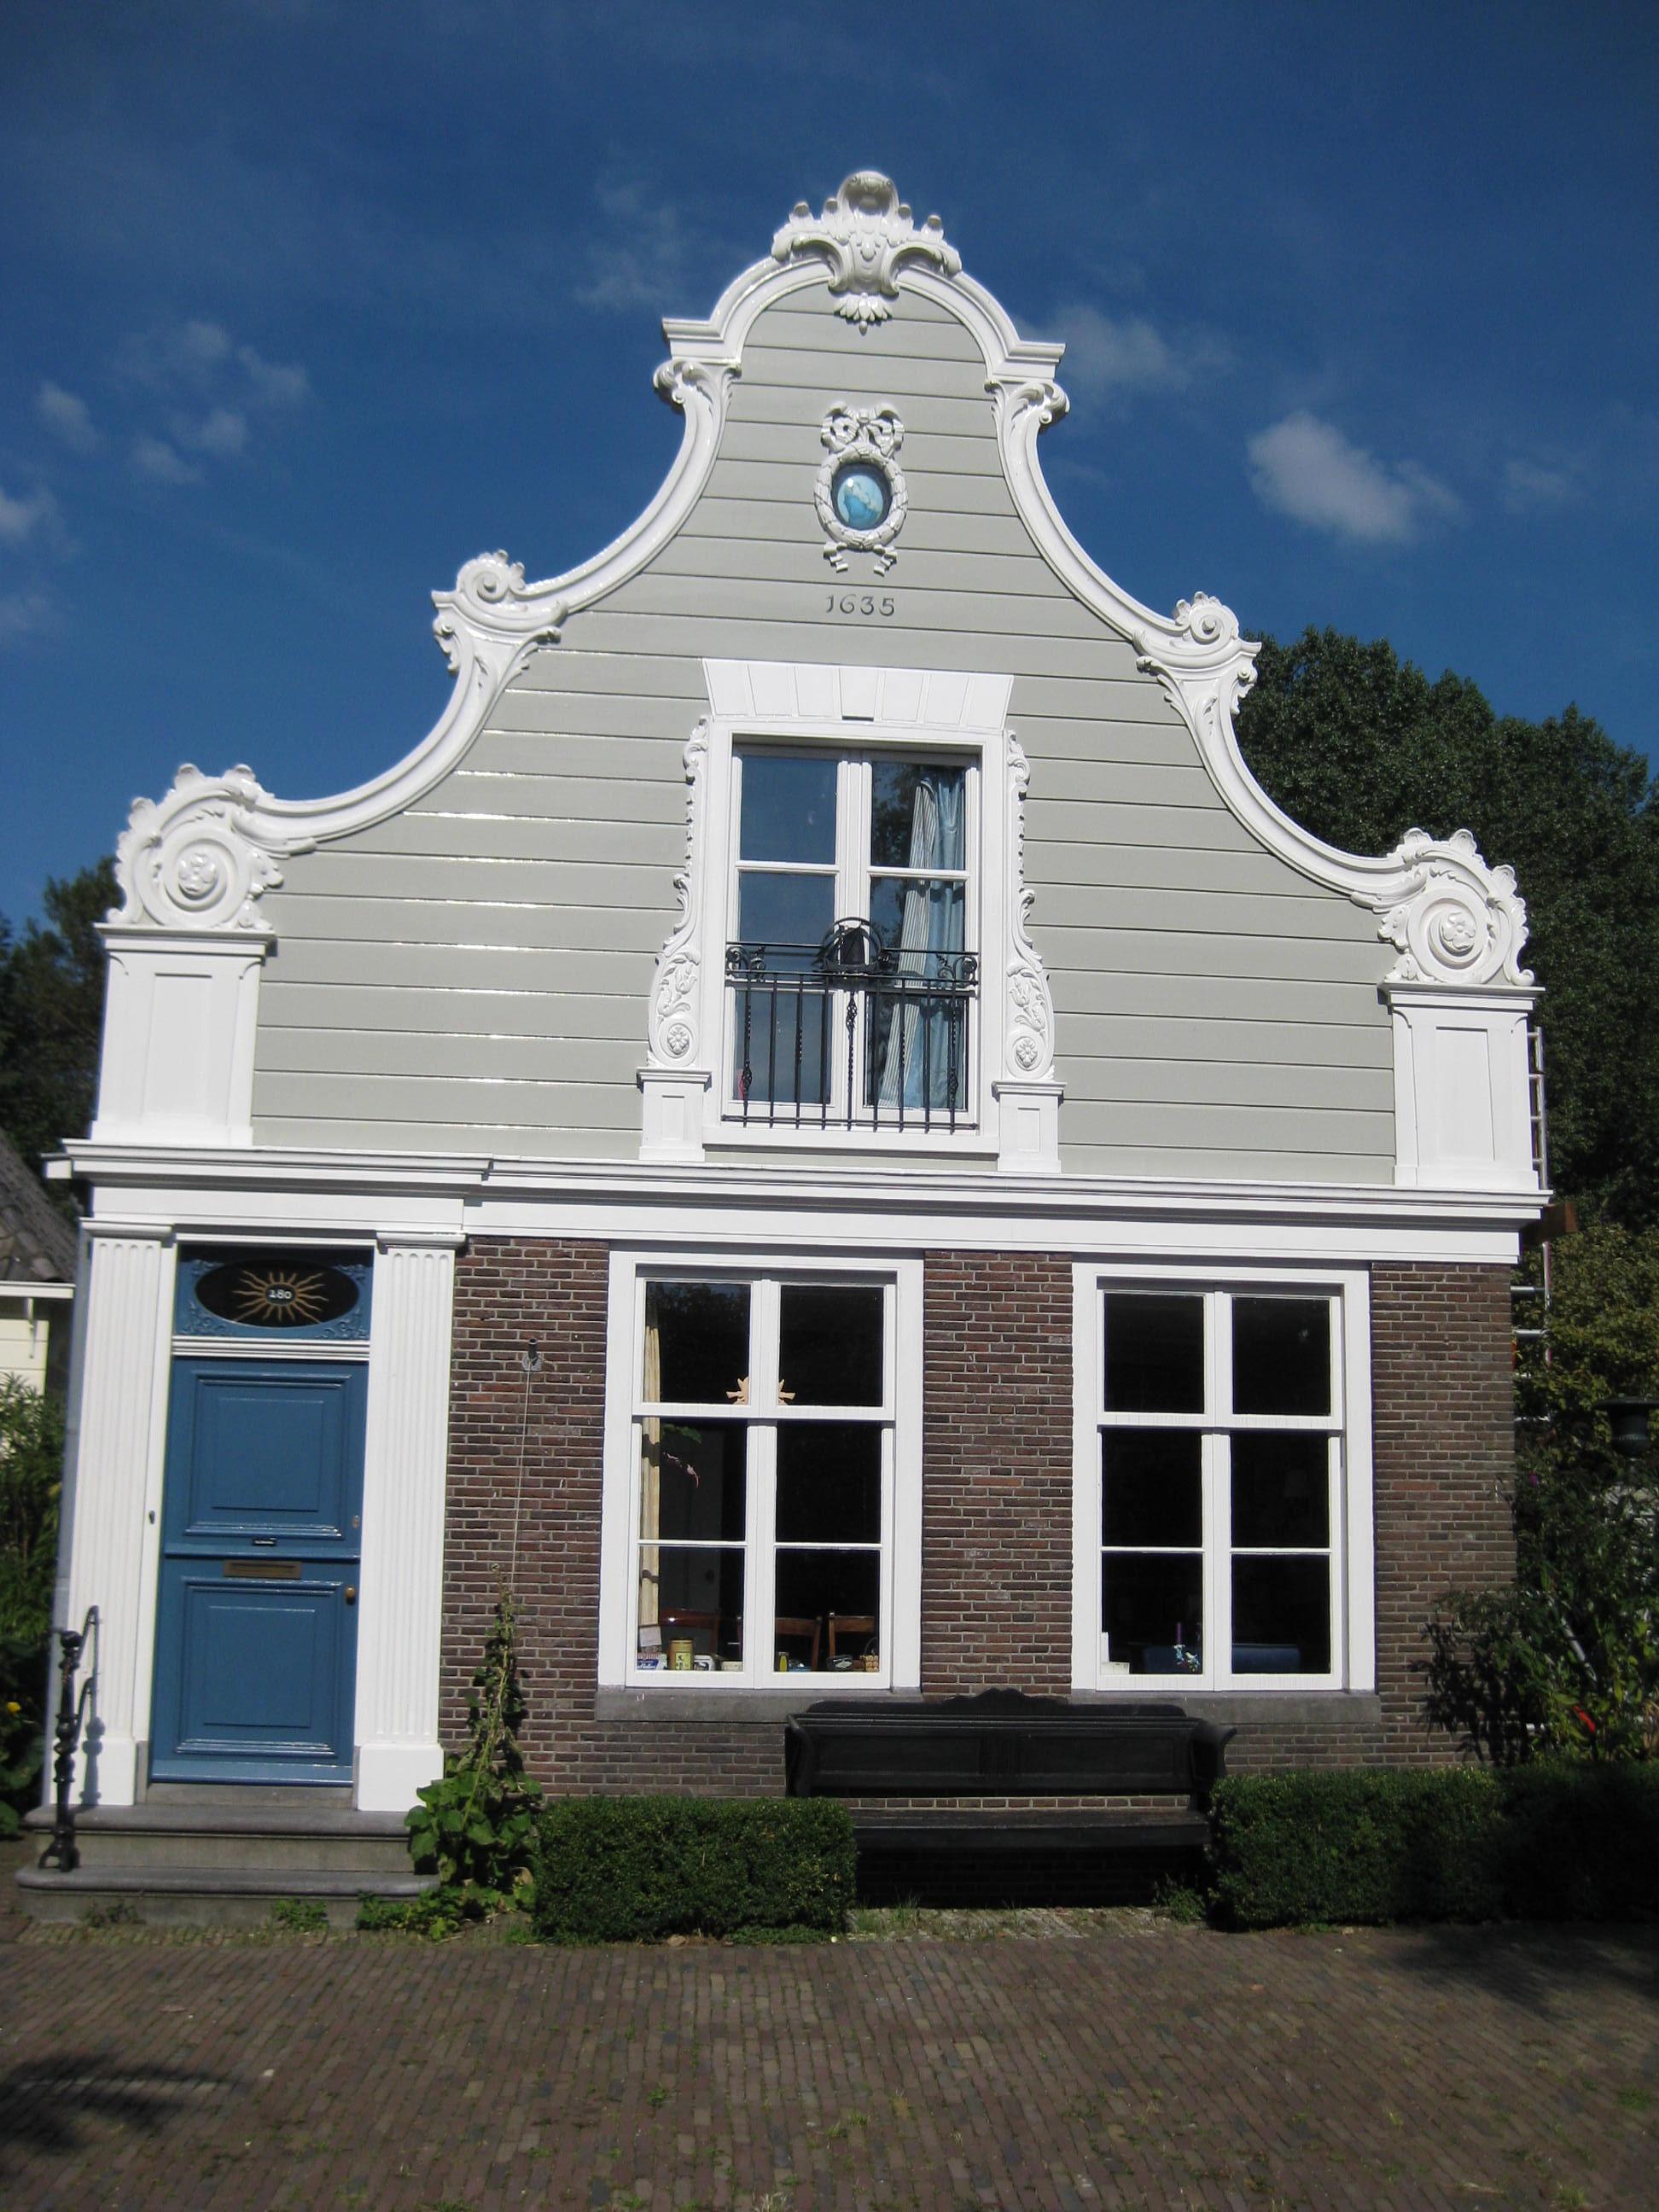 Houten dijkhuis met klokgevel in lodewijk xv stijl uit circa 1760 bakstenen onderpui uit circa - Garderobe stijl van lodewijk xv ...